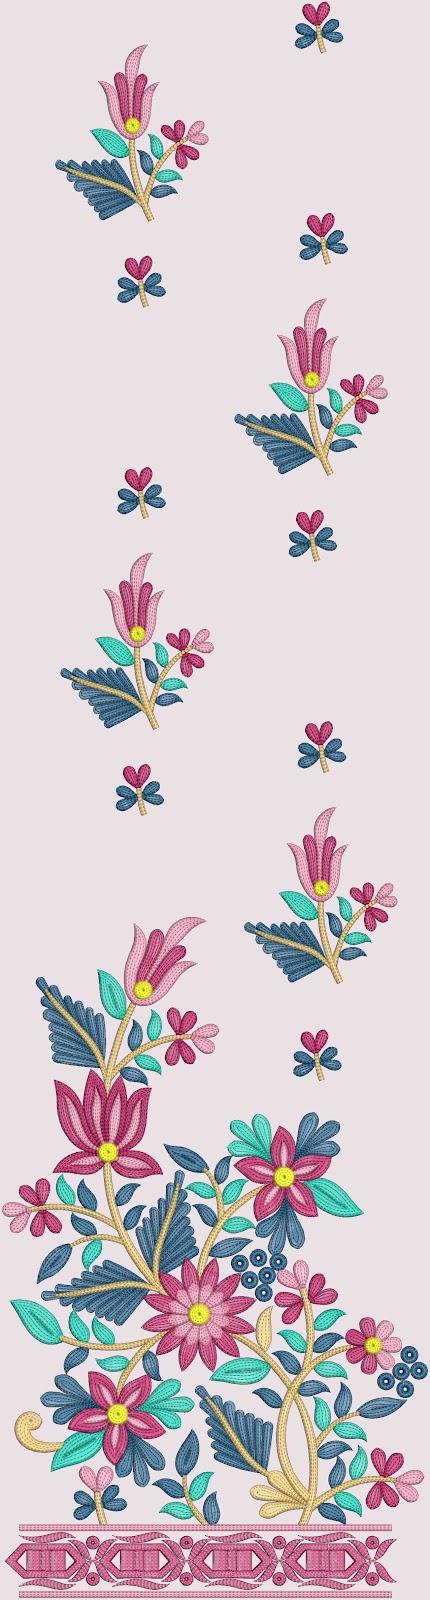 Computer Embroidery Designs For Salwar Kameez  Embdesigntube